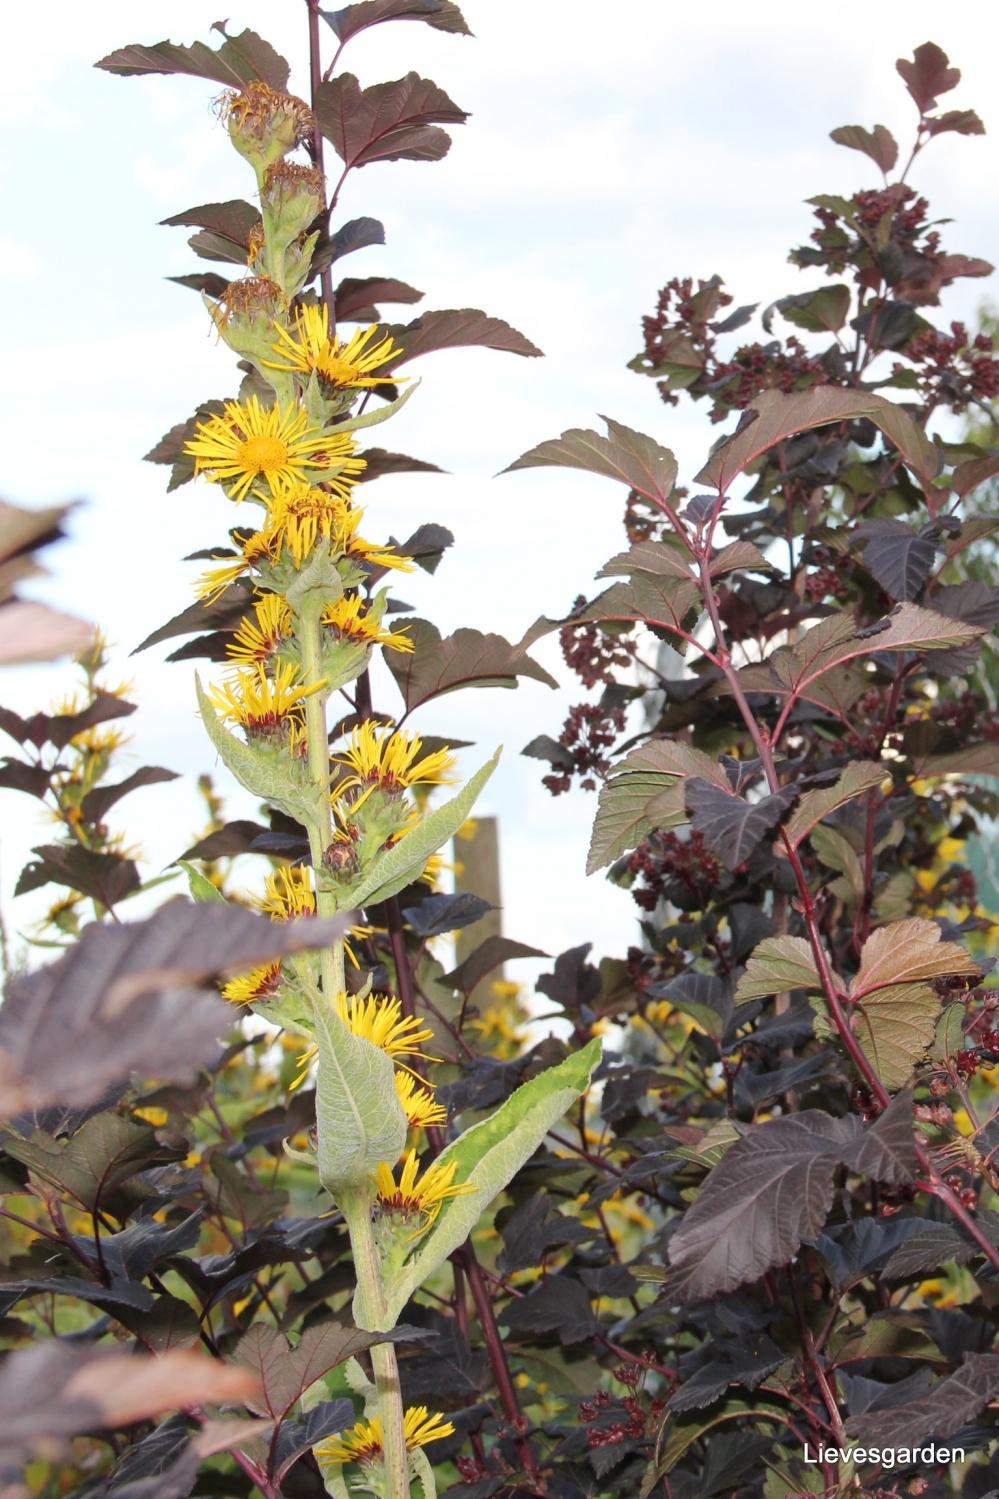 """physocarpus opulifolius """"diabolo,struik met veel sierwaarde,struik met rode zaaddozen"""